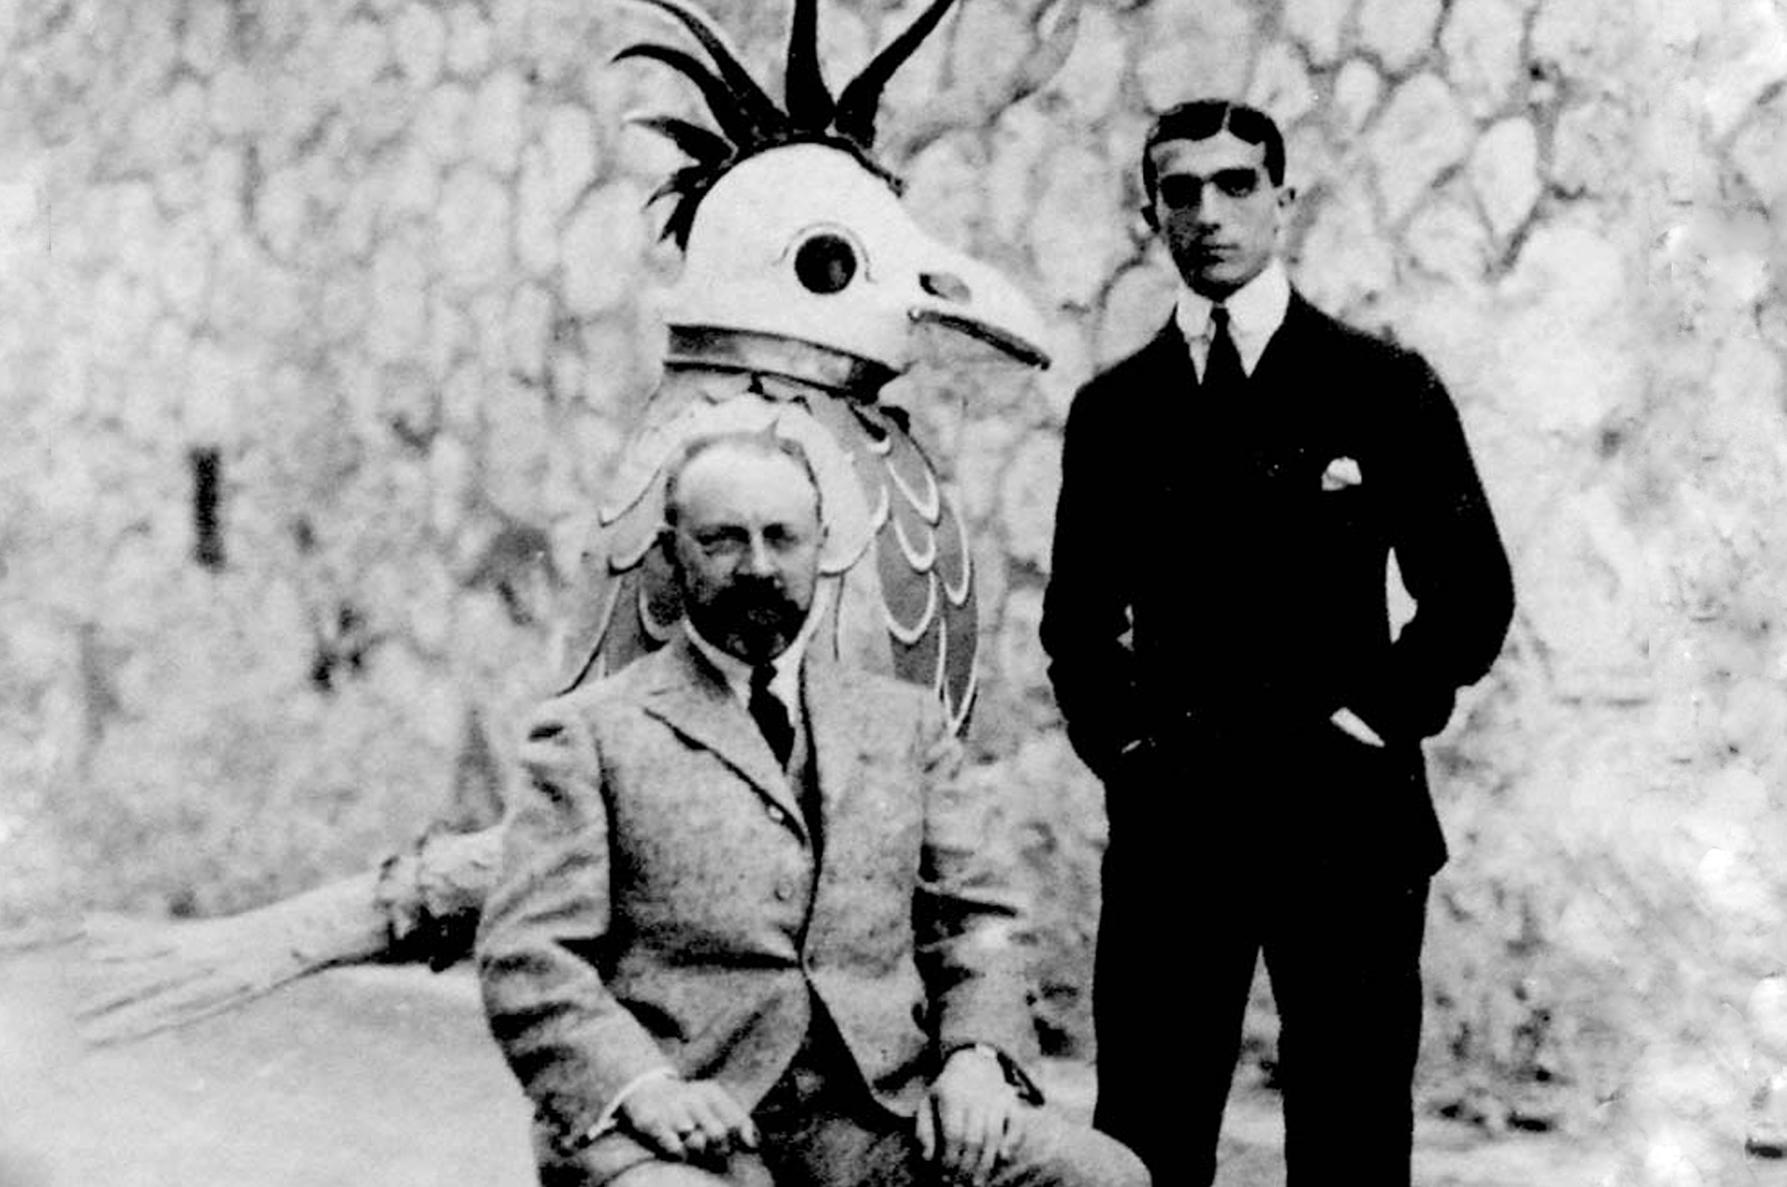 Анри Матисс и Леонид Мясин в Монте-Карло, 1920.